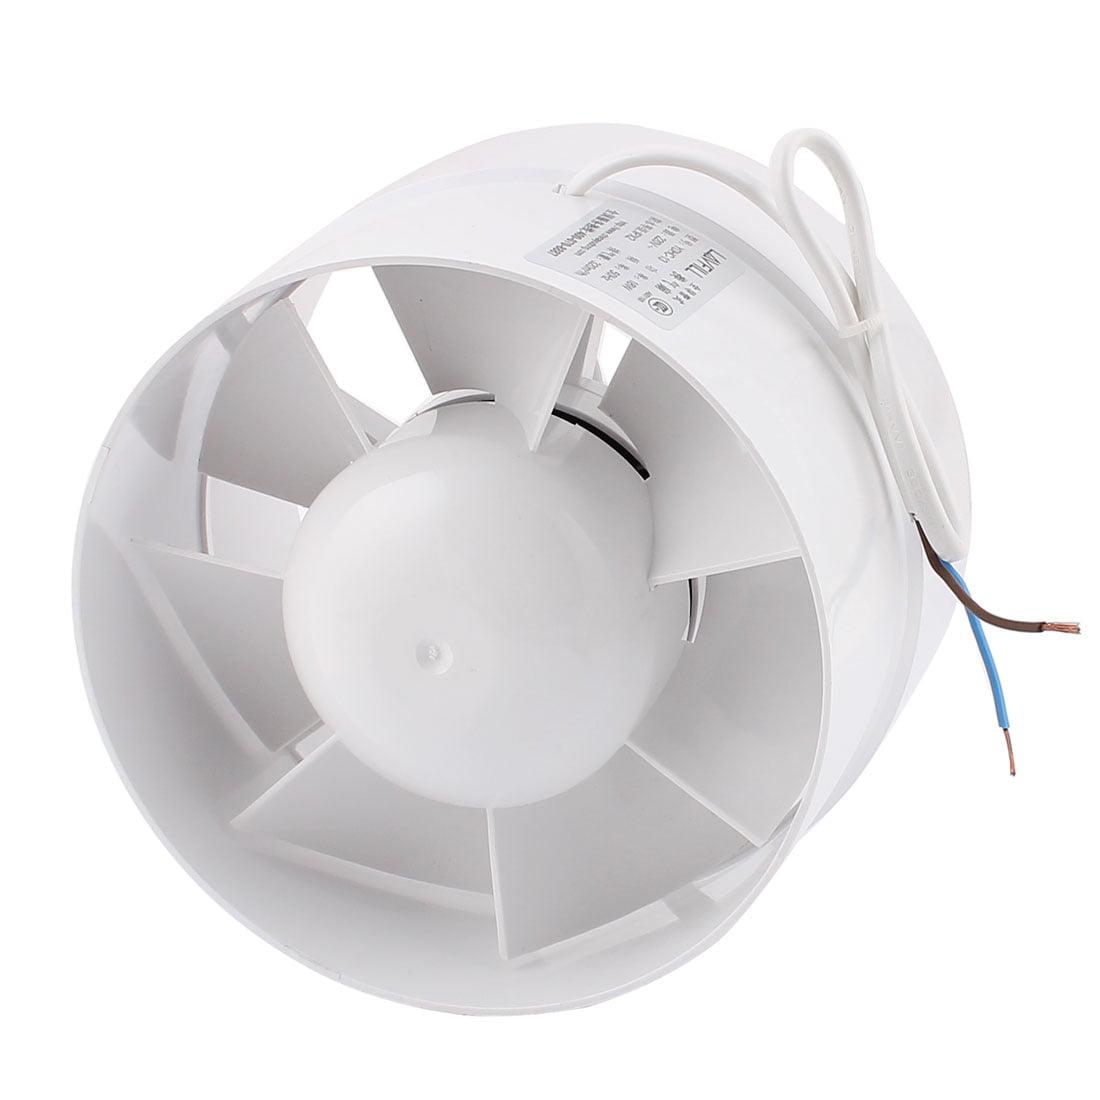 ac 220v 18w kitchen bathroom window exhaust fan ventilator 155x110mm white walmartcom - Bathroom Window Exhaust Fan